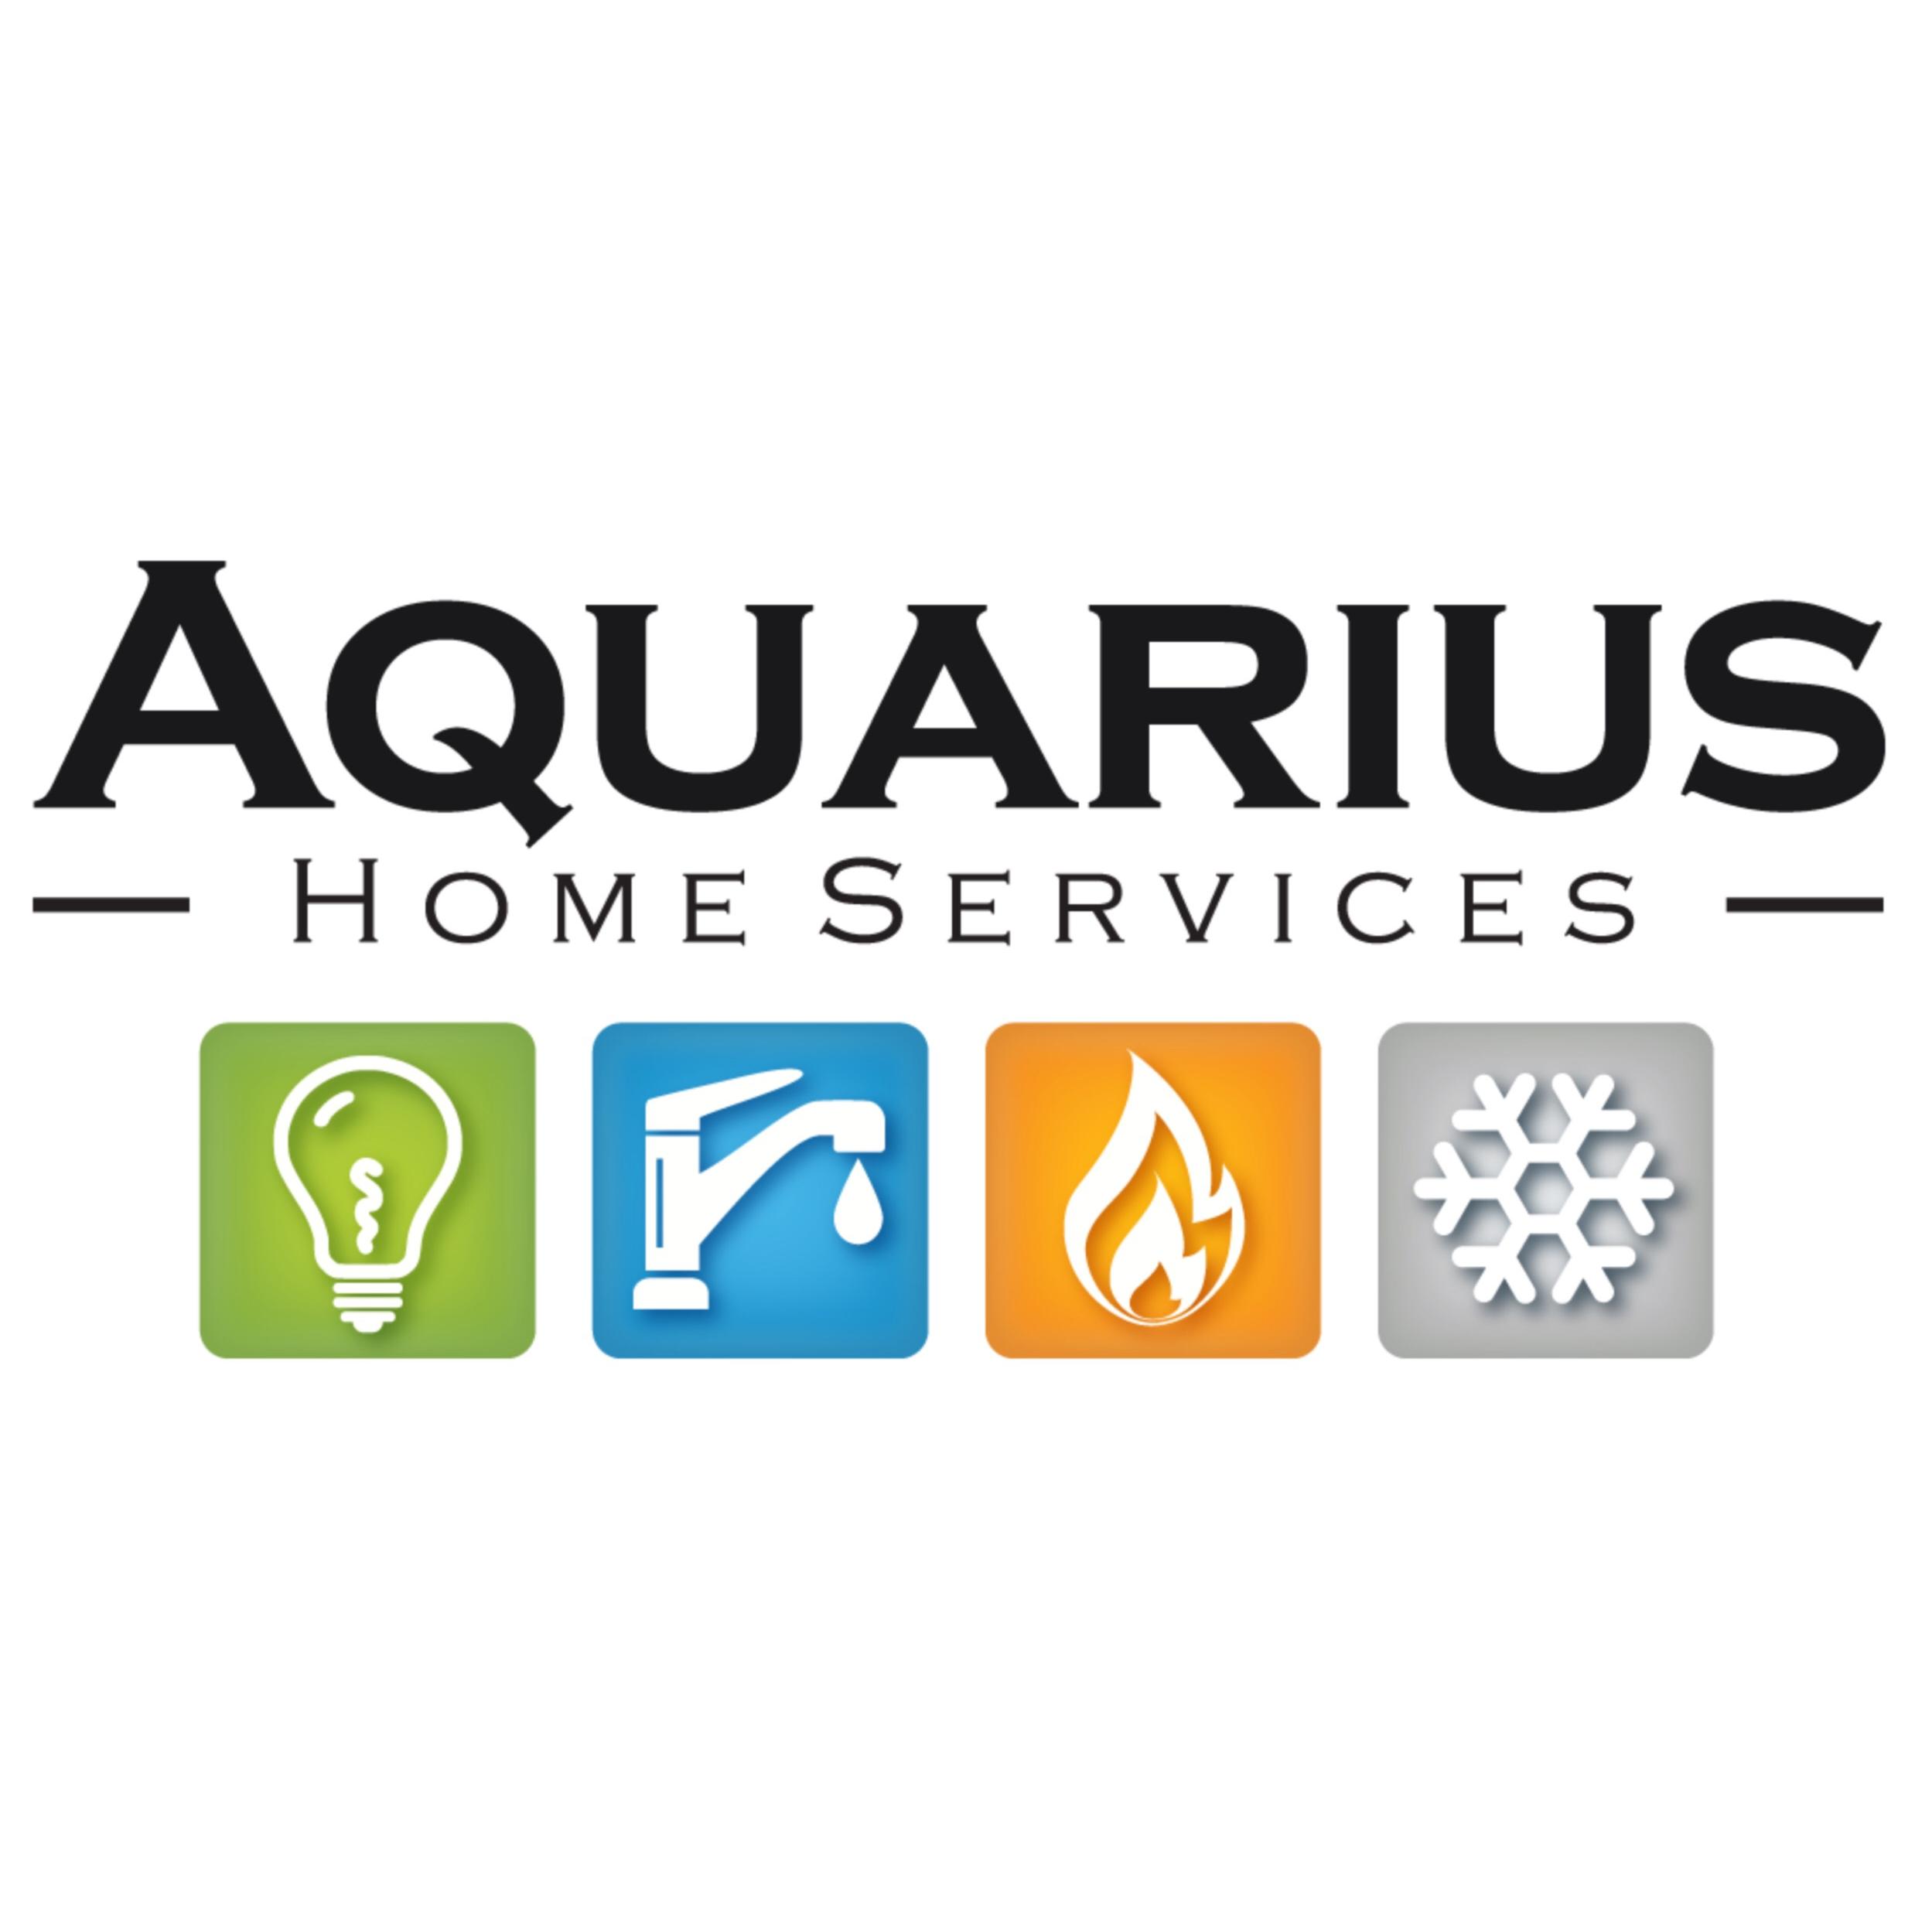 Aquarius Home Services image 4